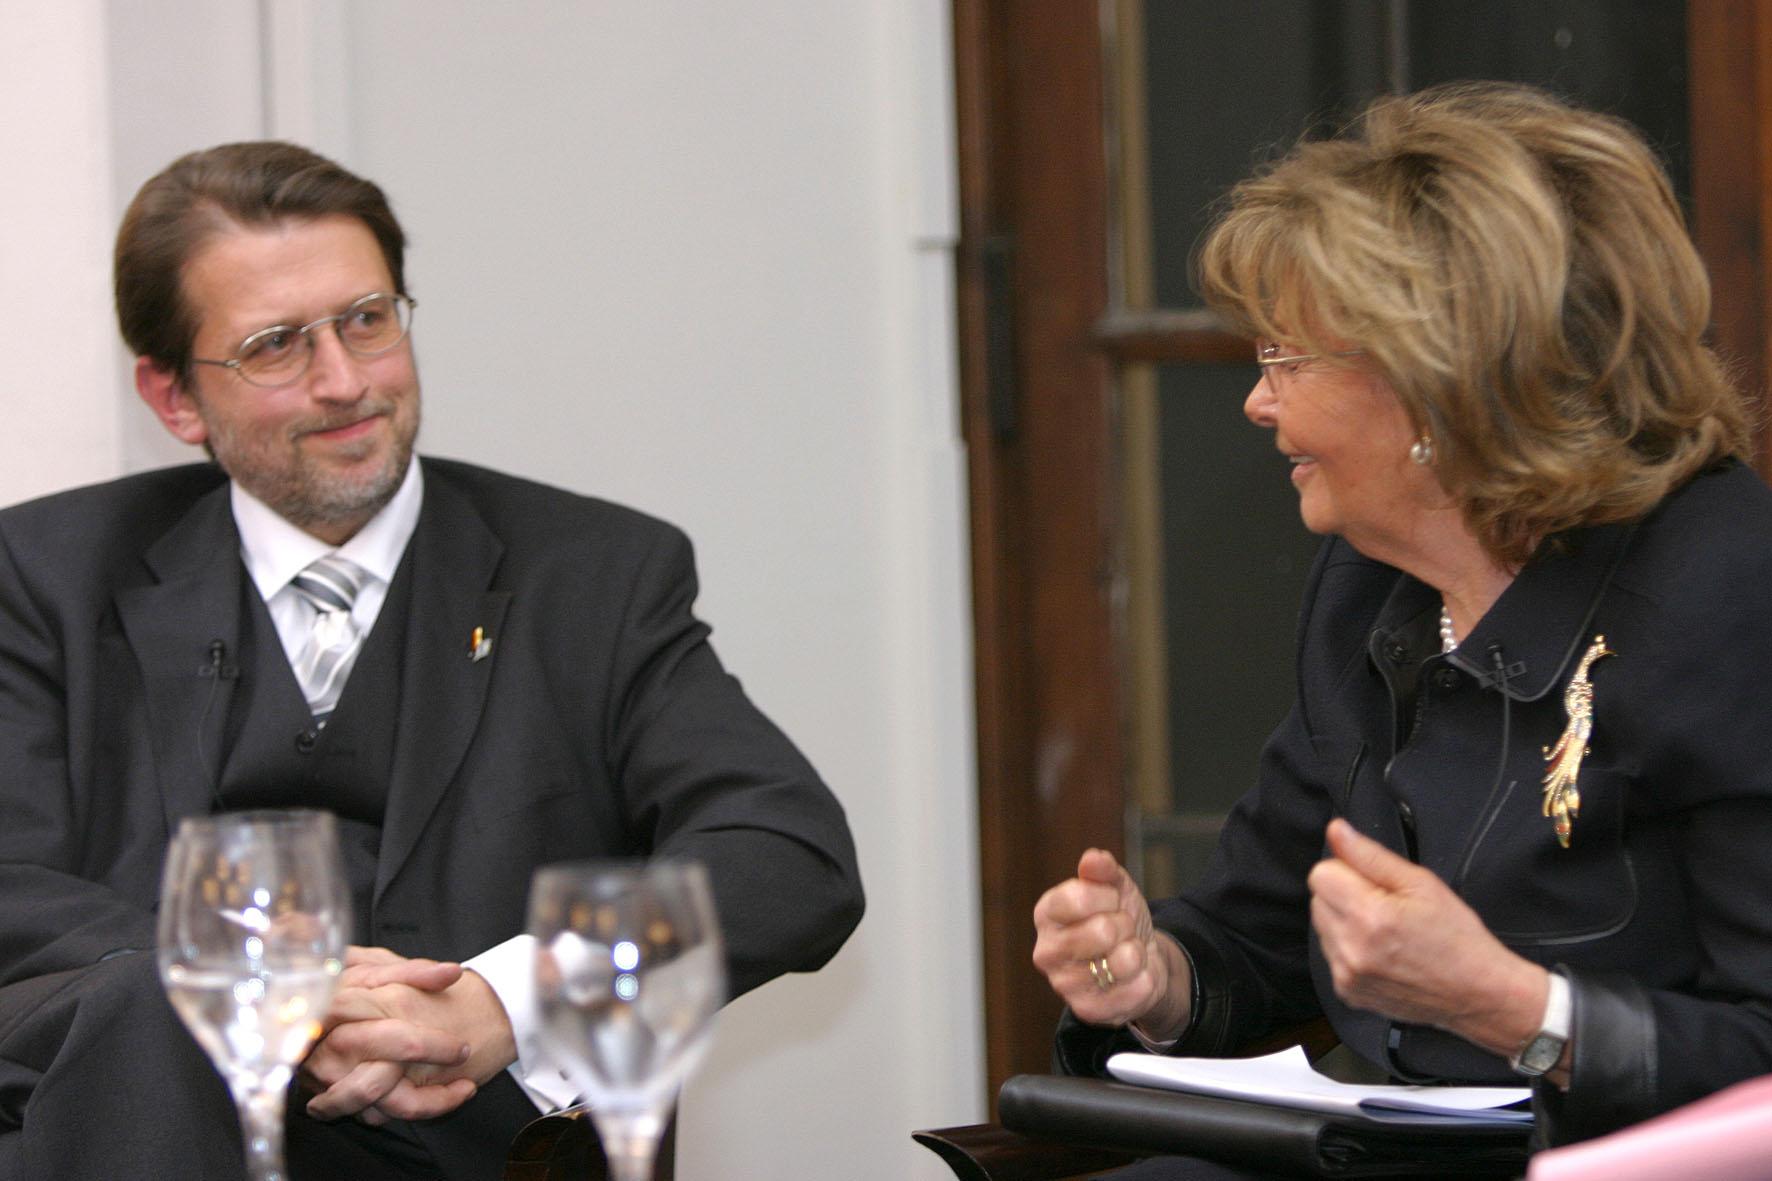 Harald Eckert mit Charlotte Knobloch im Gespräch bei der Gedenkveranstaltung am 26.01.2006 im Senatssaal des Bayerischen Landtags